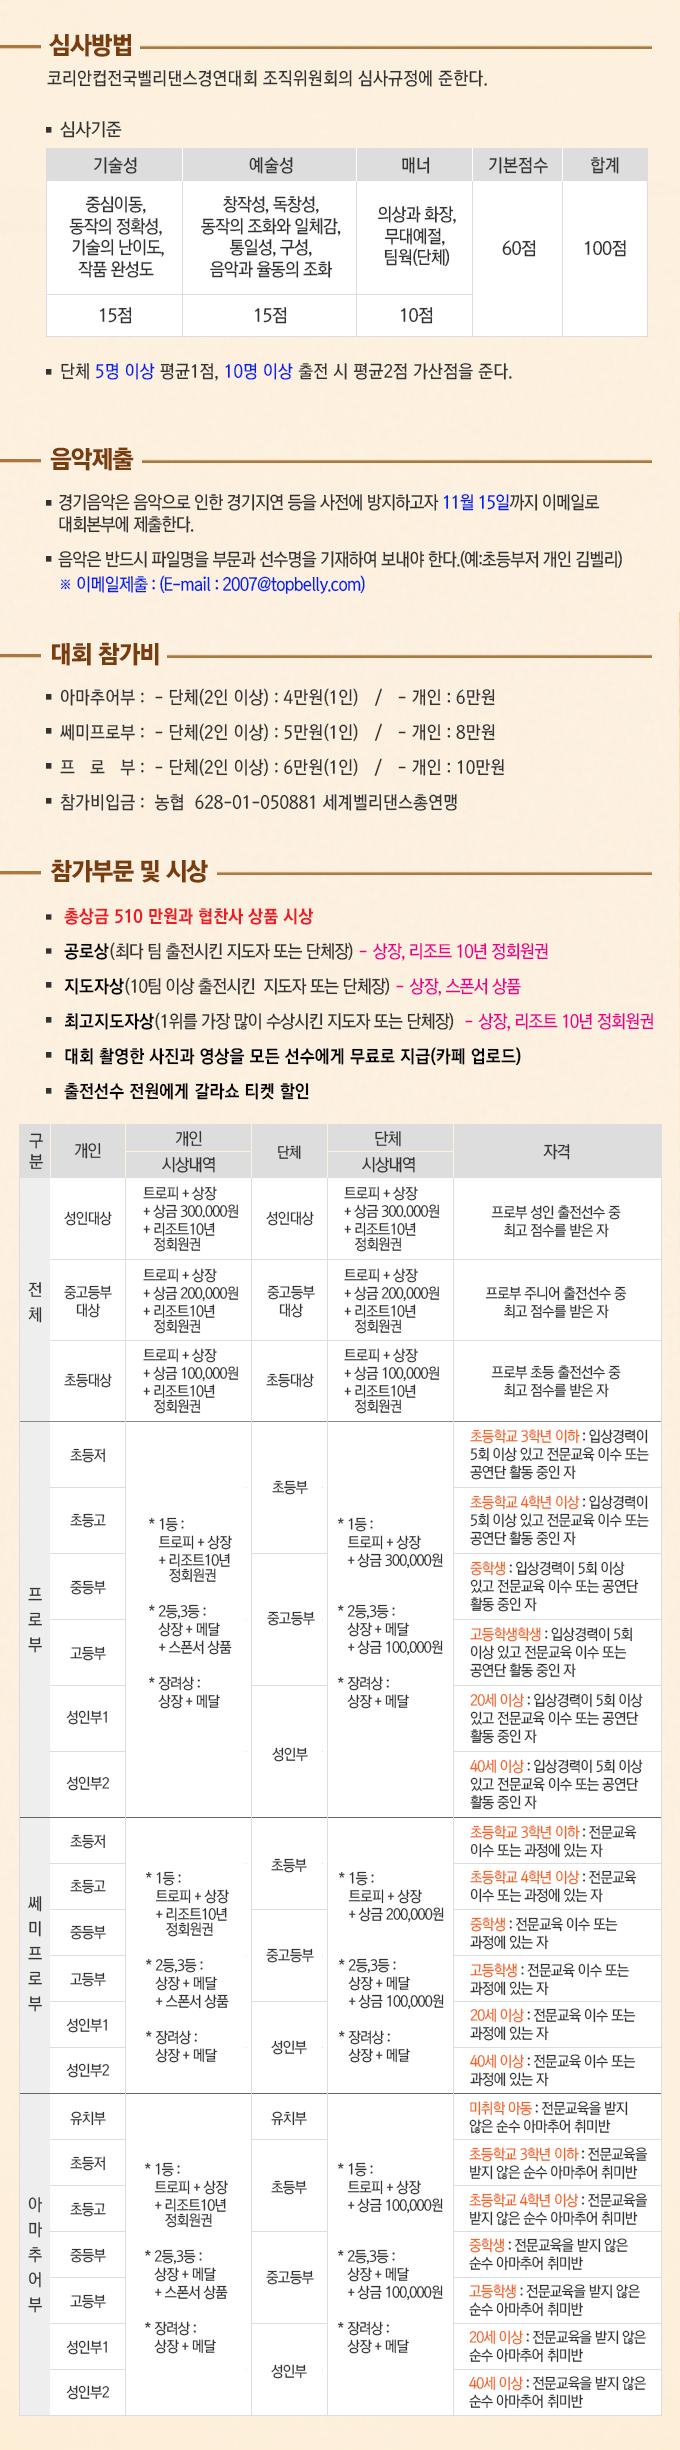 10thkoreancup_02_2.jpg